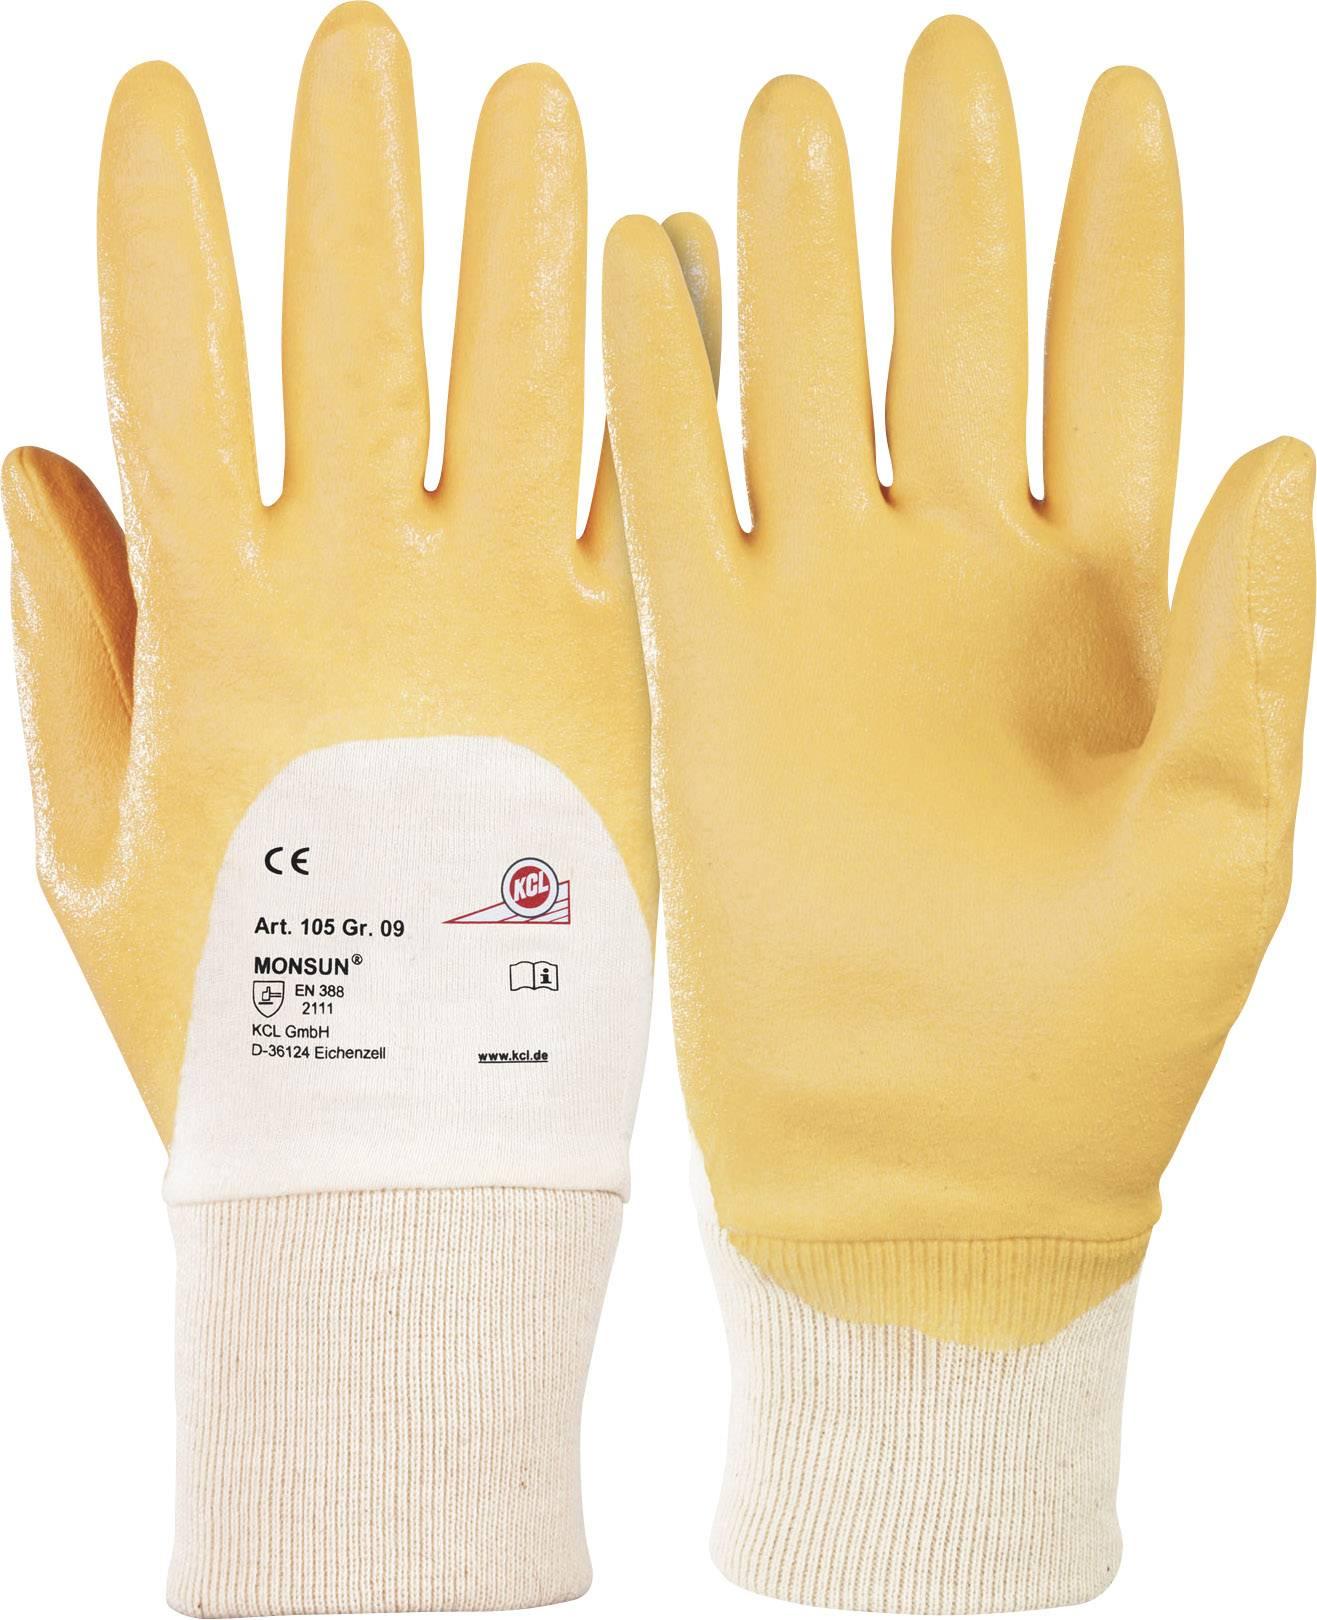 Pracovné rukavice KCL Monsun® 105, velikost rukavic: 8, M